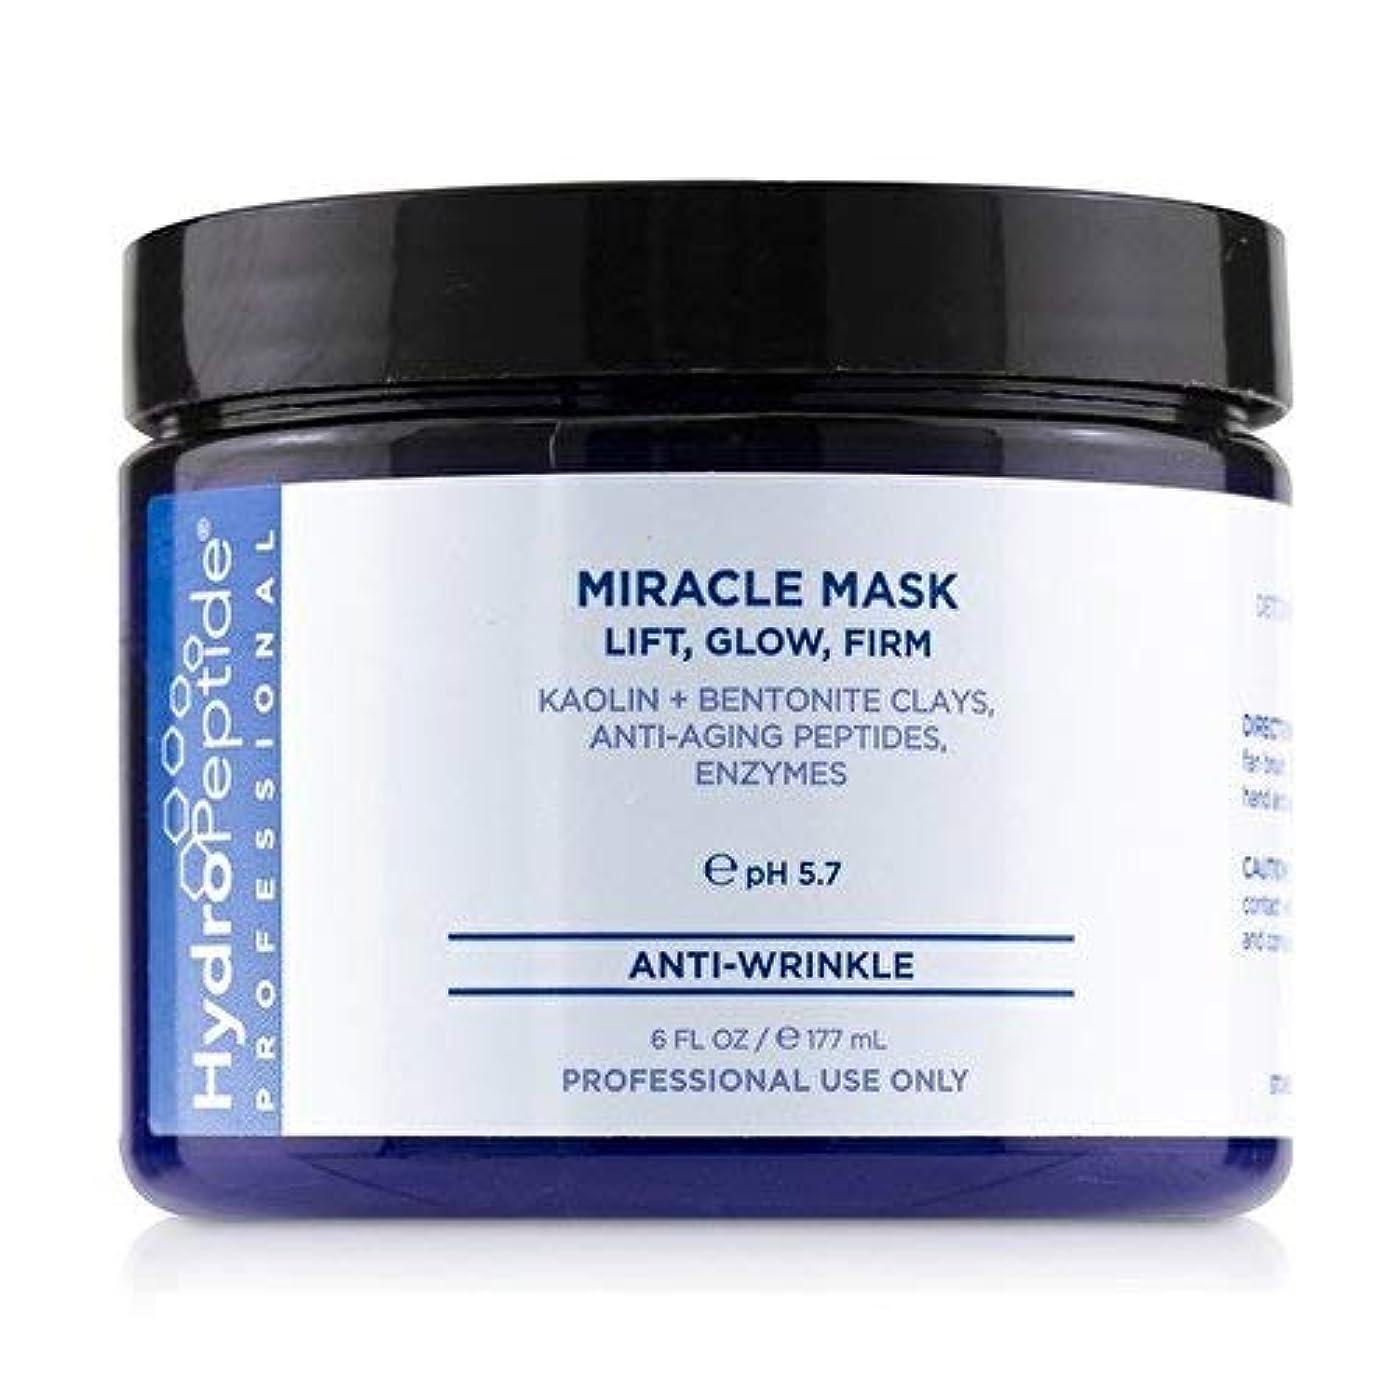 復活する広く静めるハイドロペプチド Miracle Mask - Lift, Glow, Firm (pH 5.7) (Salon Size) 177ml/6oz並行輸入品